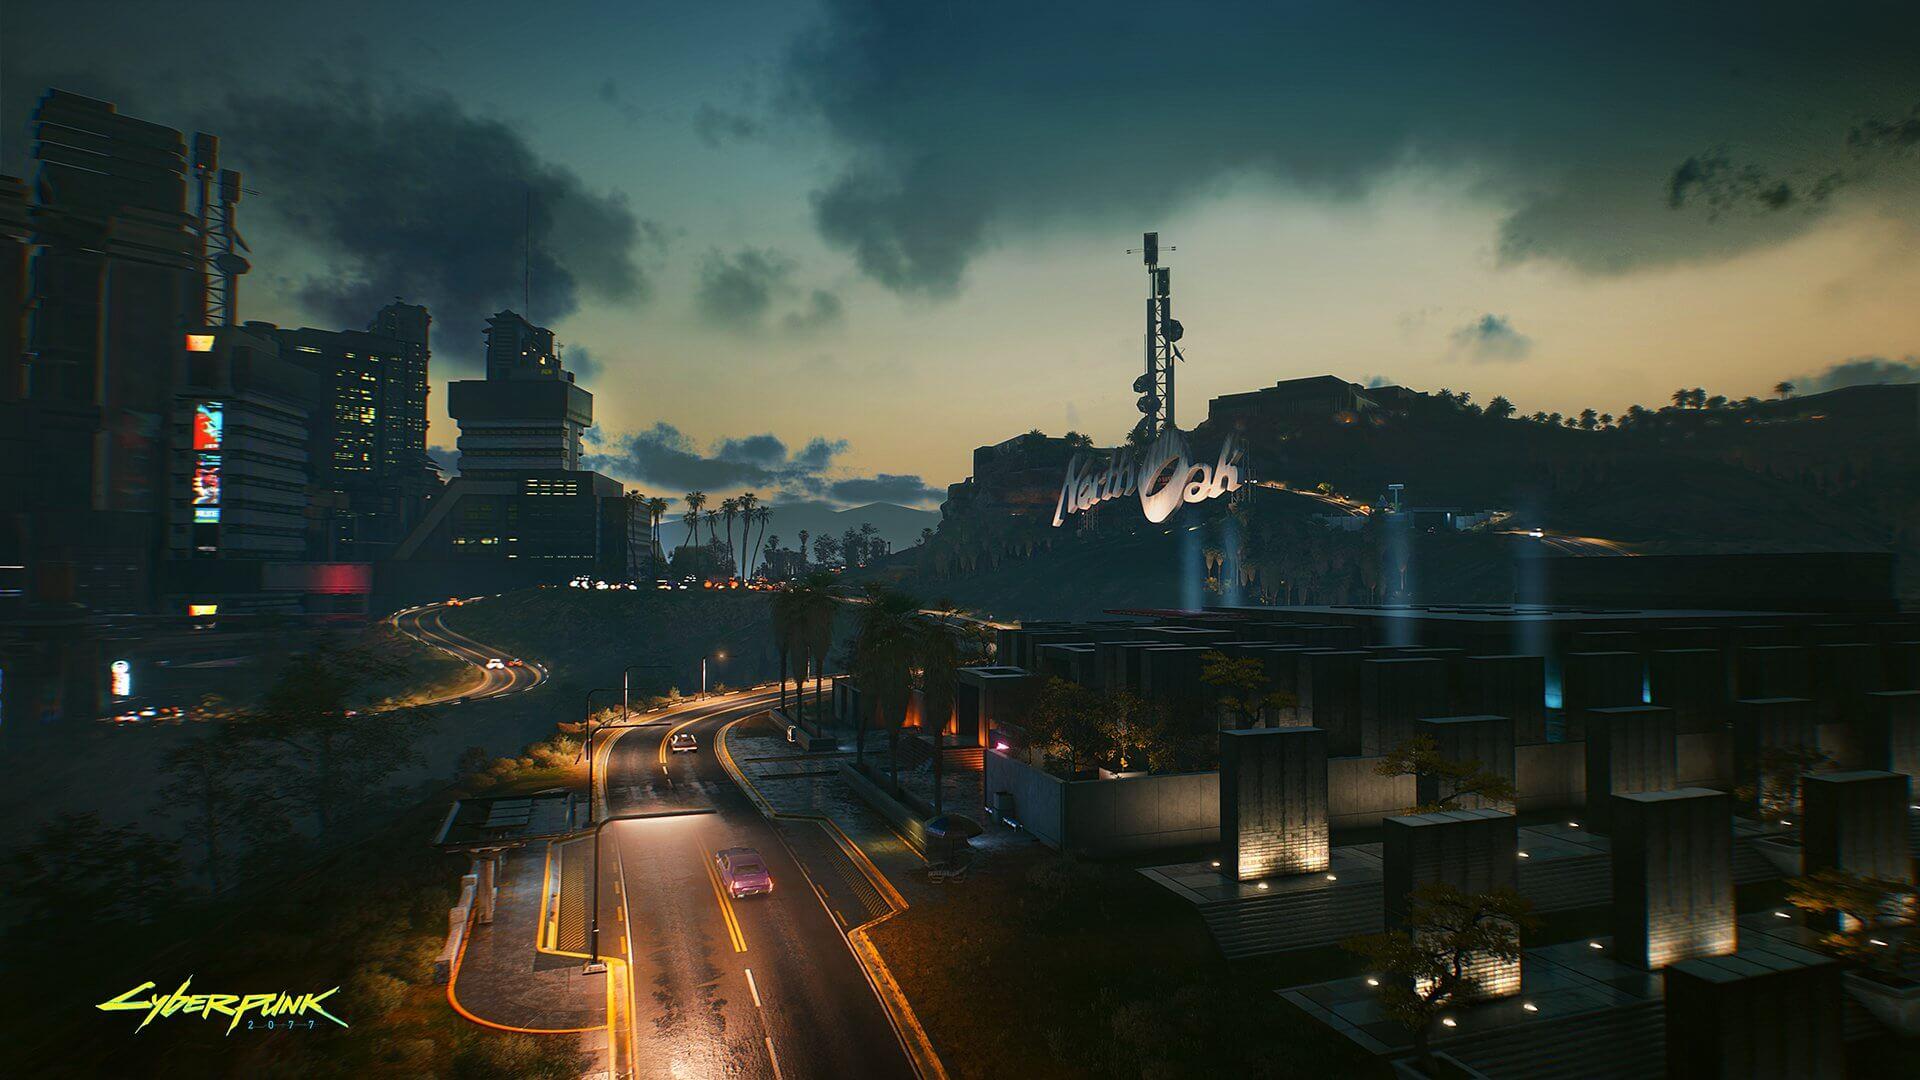 Cyberpunk-2077-new-screenshots-October-2020-3.jpg - Cyberpunk 2077